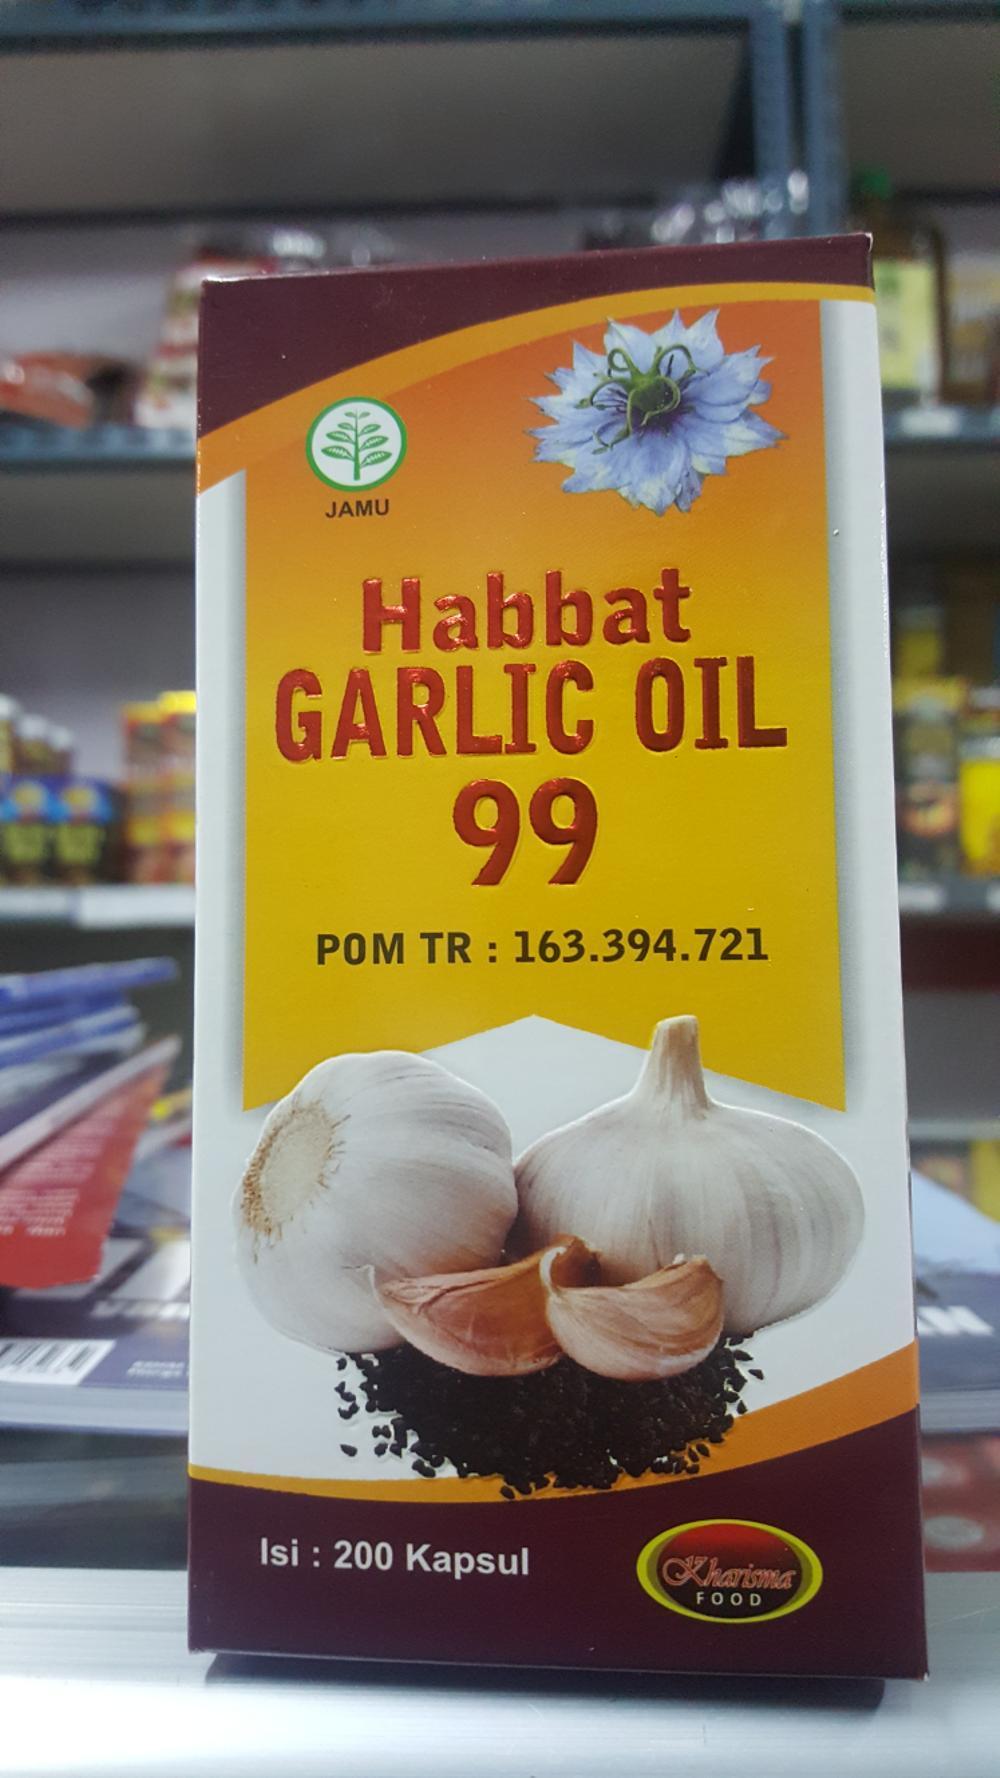 Rp 174.000. HABBAT GARLIC OIL 99 Original@200 Kapsul di lapak ...